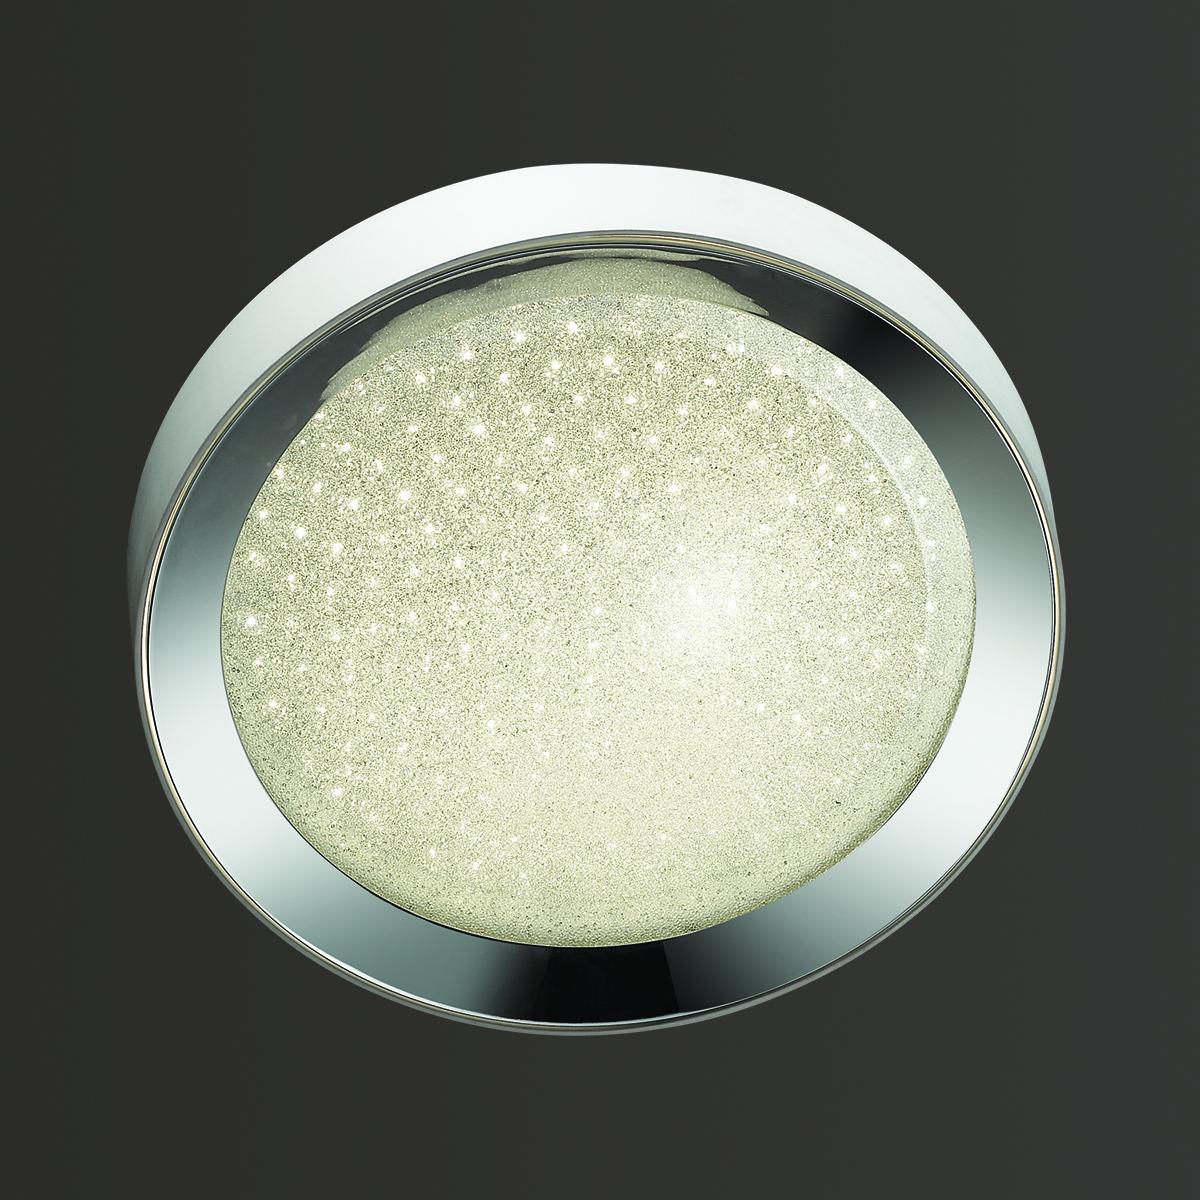 Потолочный светодиодный светильник Odeon Light Teno 4018/38CL, LED 38W, 4000K (дневной), белый, хром, прозрачный, металл, пластик - фото 1